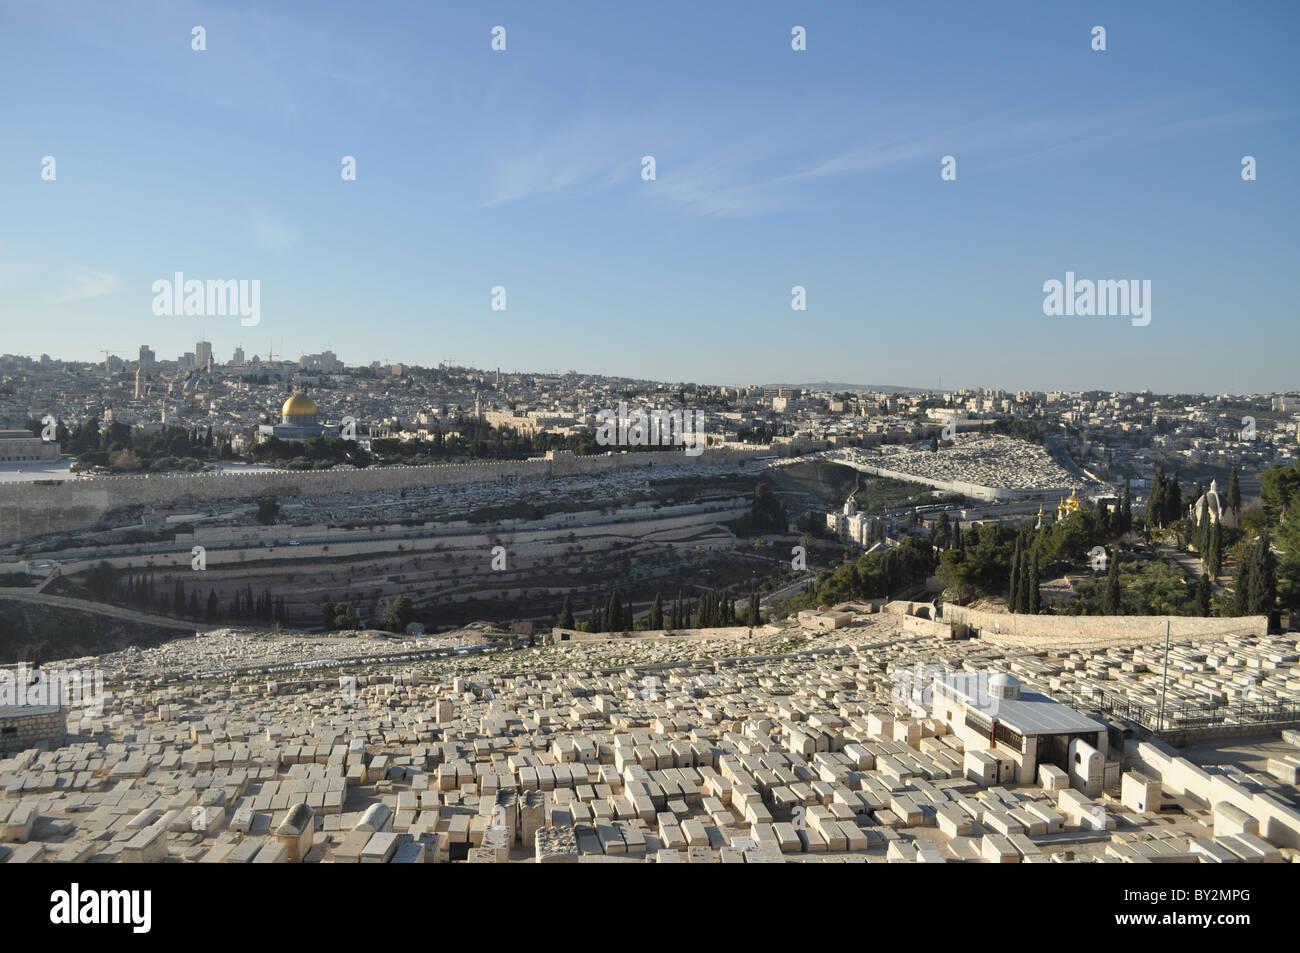 Jerusalén: el monte del templo visto desde el Monte del olivo con el cementerio judío. Foto de stock